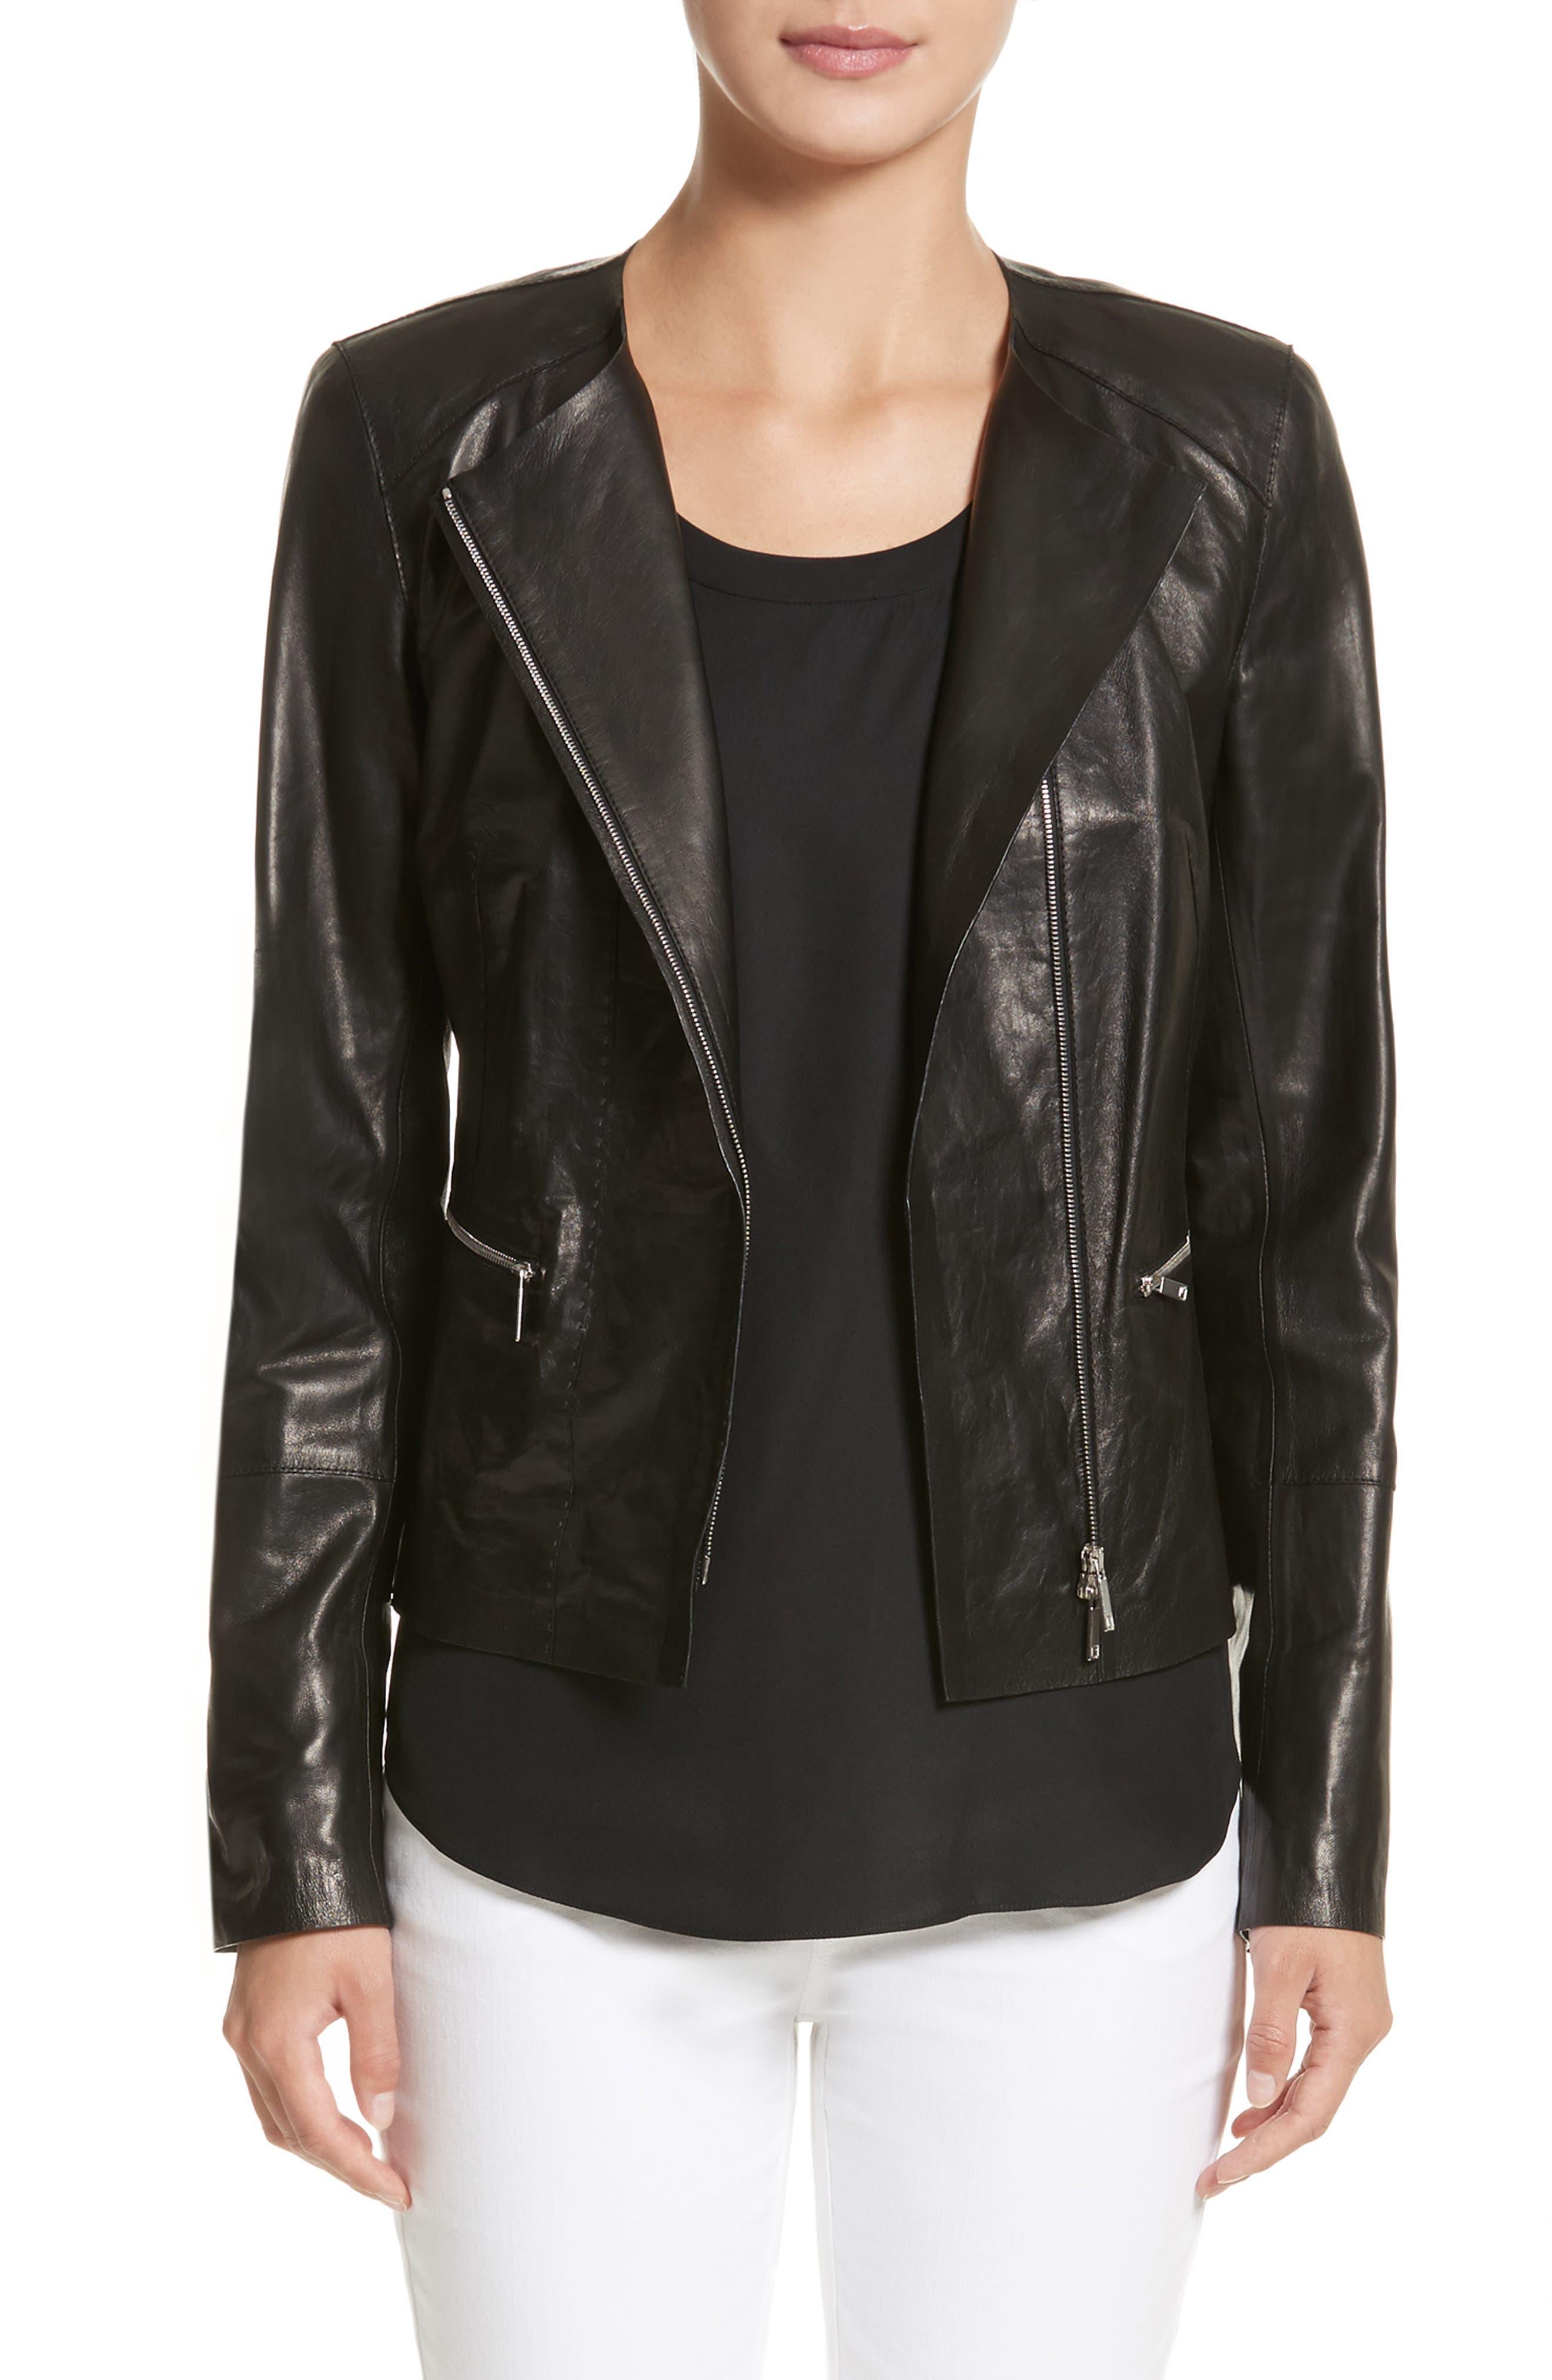 Alternate Image 1 Selected - Lafayette 148 New York Caridee Glazed Lambskin Leather Jacket